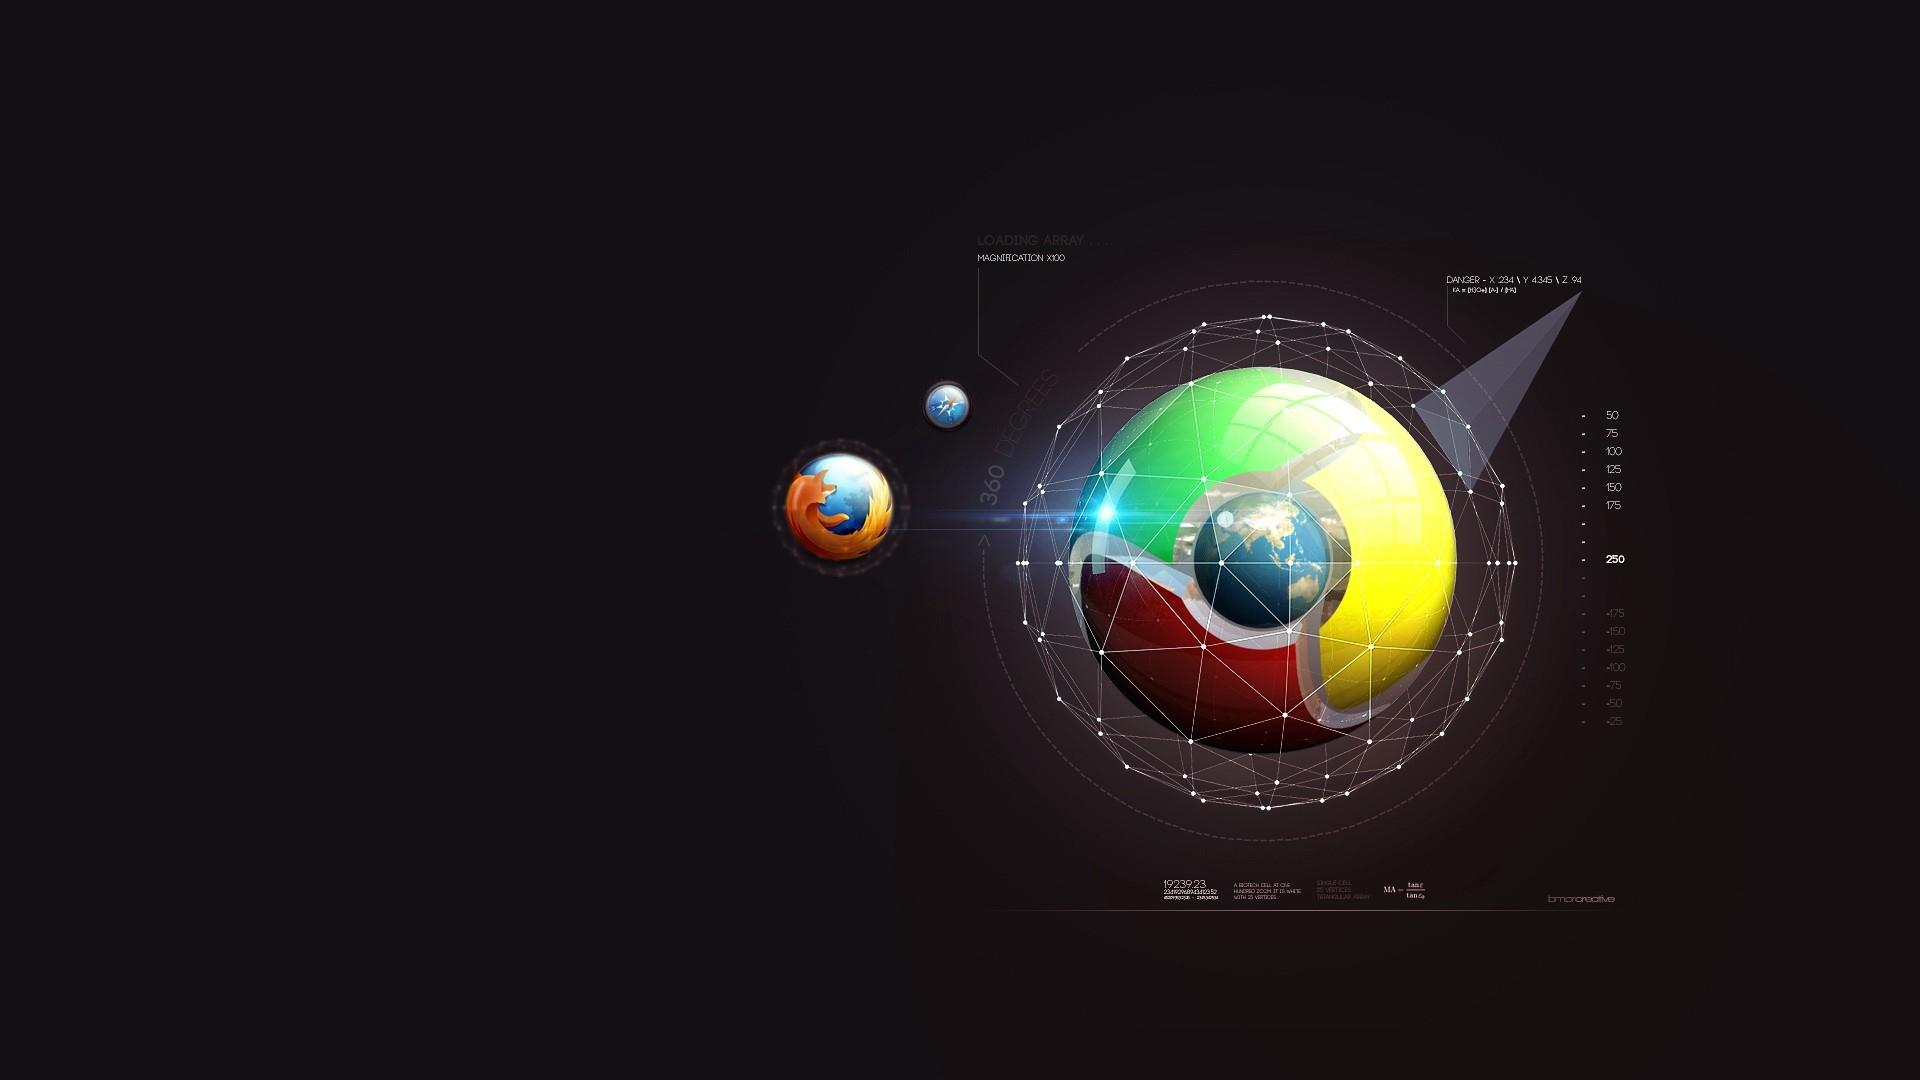 デスクトップ壁紙 図 惑星 スペース 車両 地球 サークル 玉